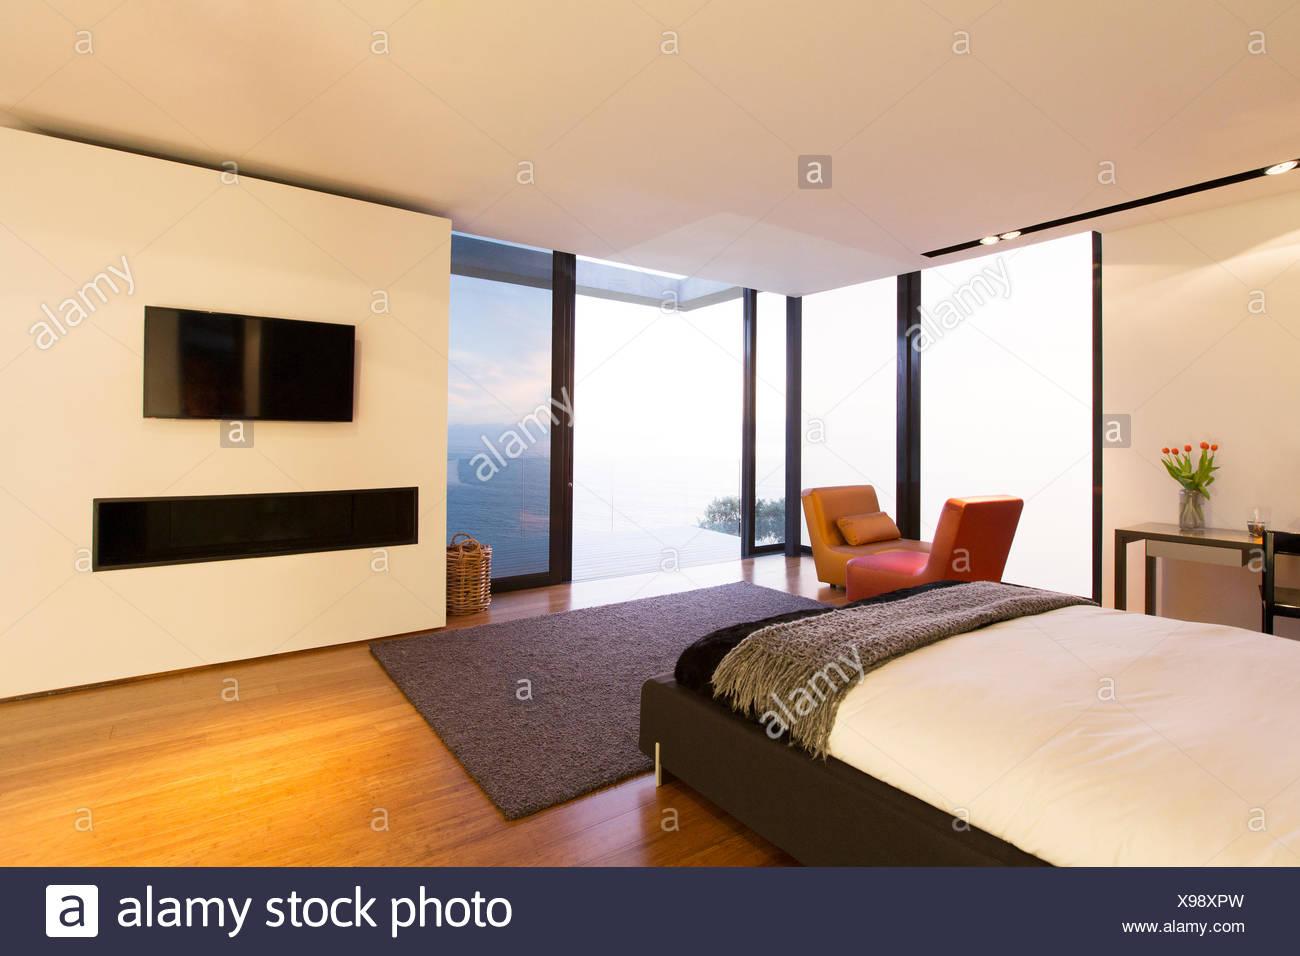 Dormitorio y puertas de vidrio de la casa moderna Foto & Imagen De ...